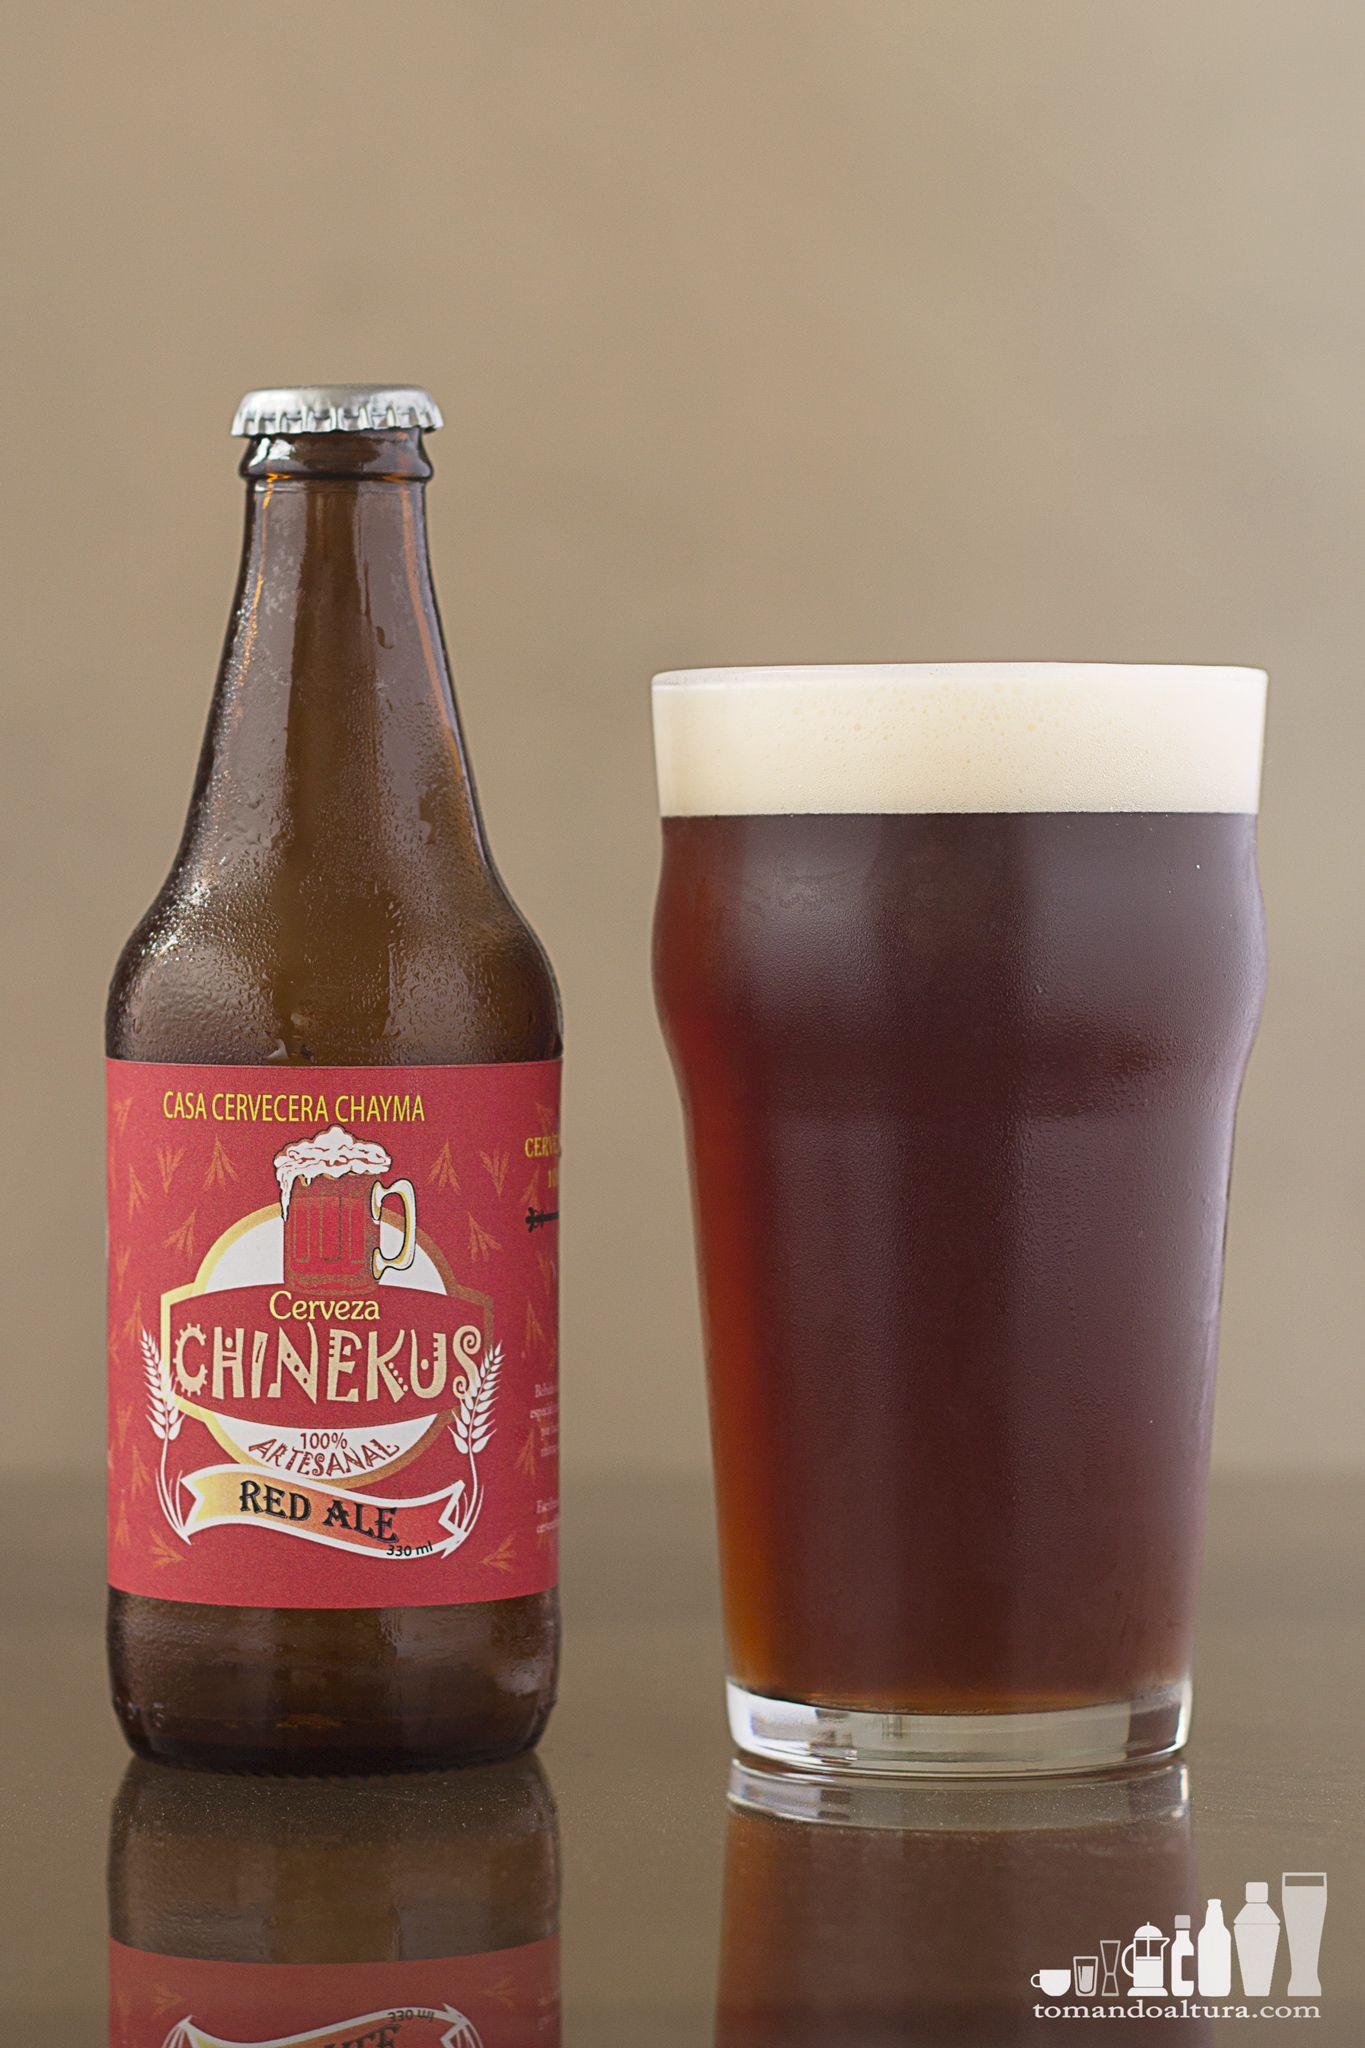 Chinekus Red Ale An Irish Red Ale Beer Bottle Beer Craft Beer